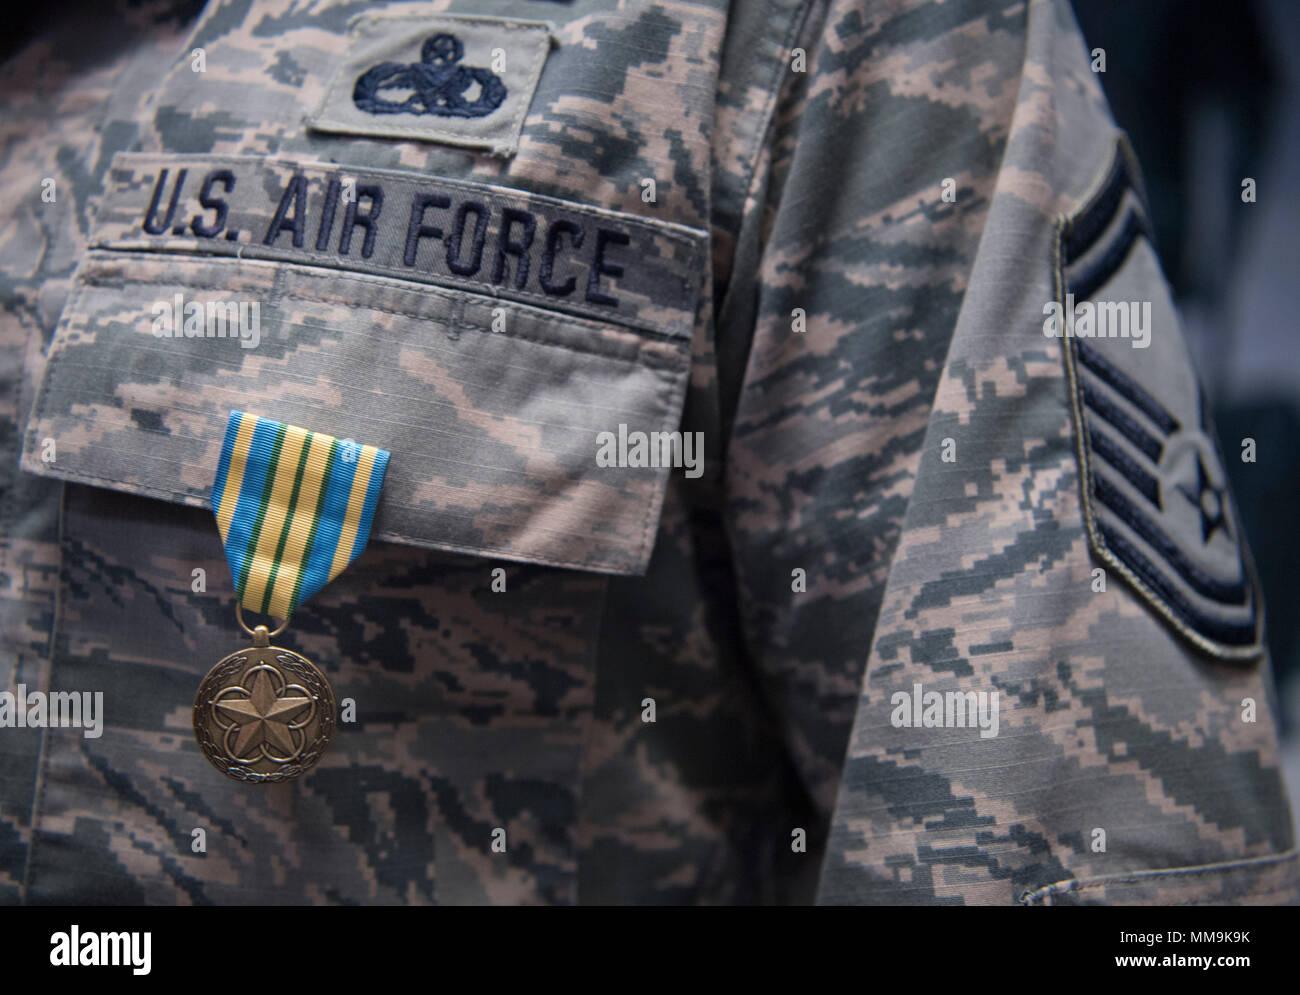 Que Mettre Dans Un Garde Manger u.s. air force capitaine principal sgt. kevan williams, un